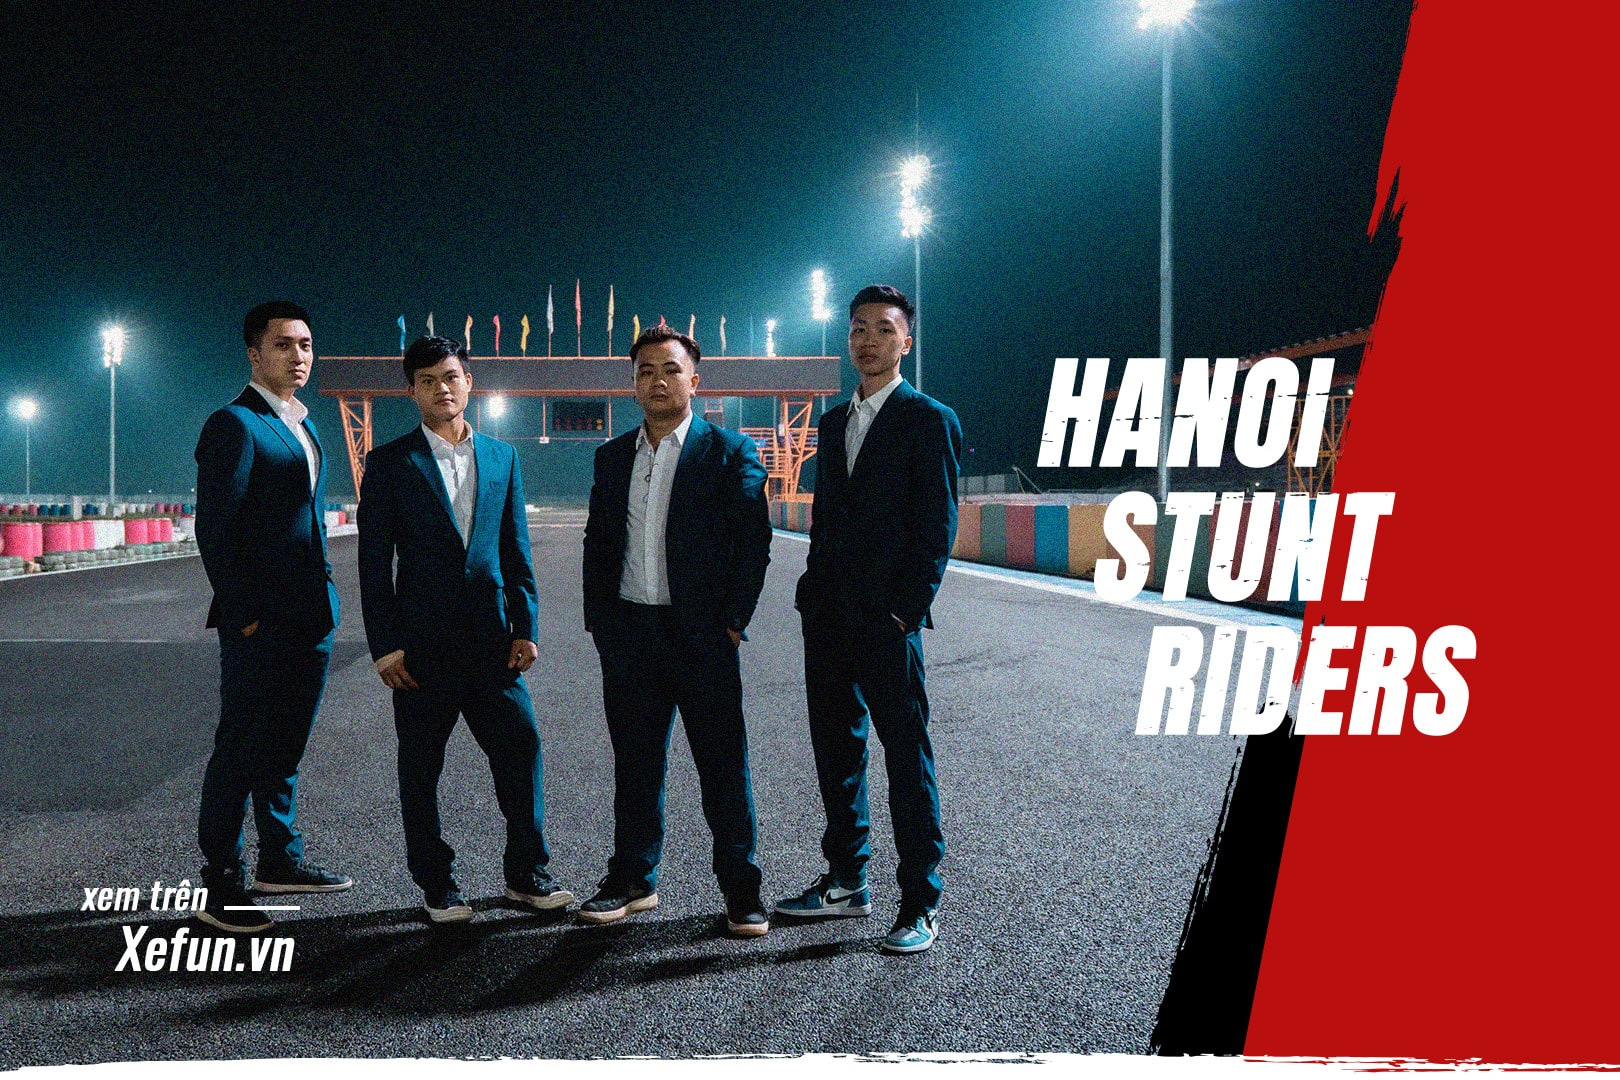 Hanoi Stunt Riders biểu diễn Trường đua Đại Nam giải đua Awakening road trên Xefun - 845t5y56